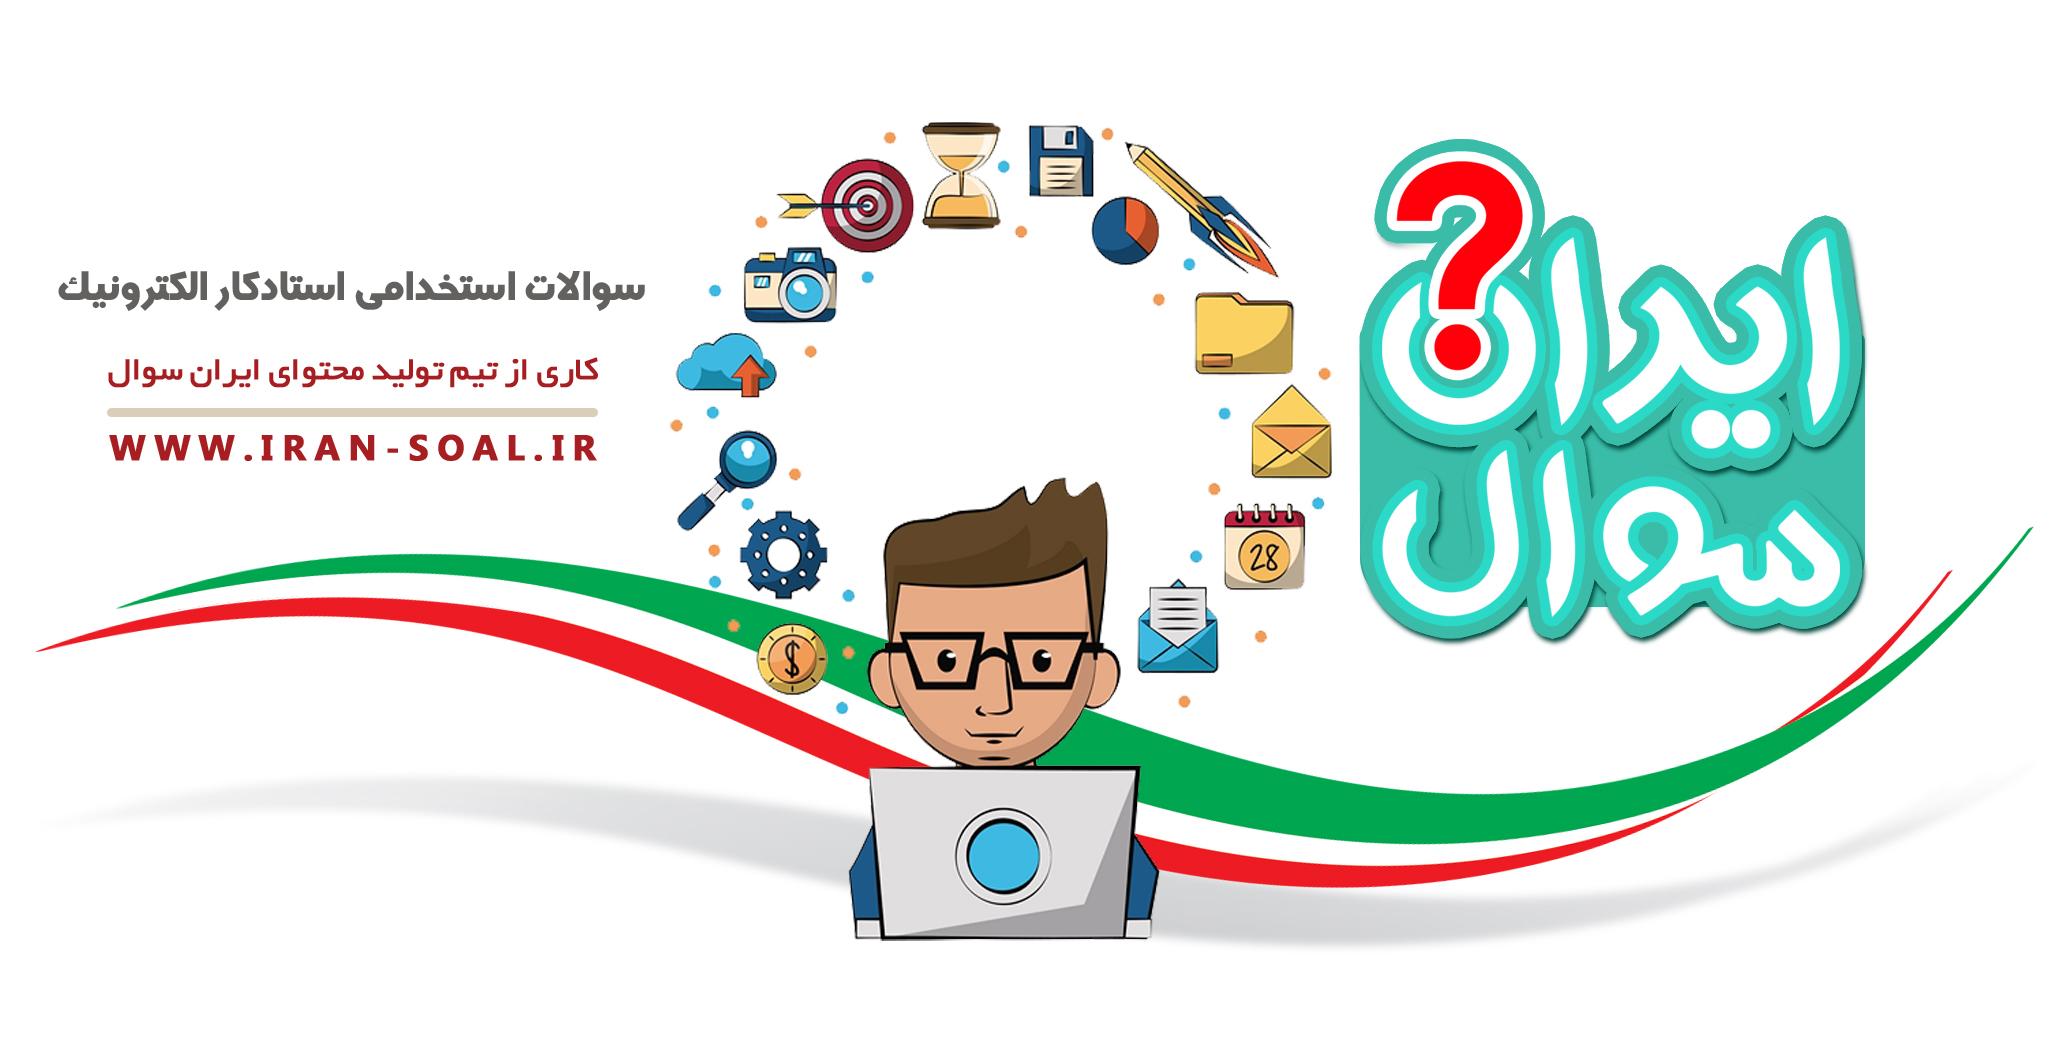 سوالات استخدامی استادکار الکترونیک آموزش و پرورش